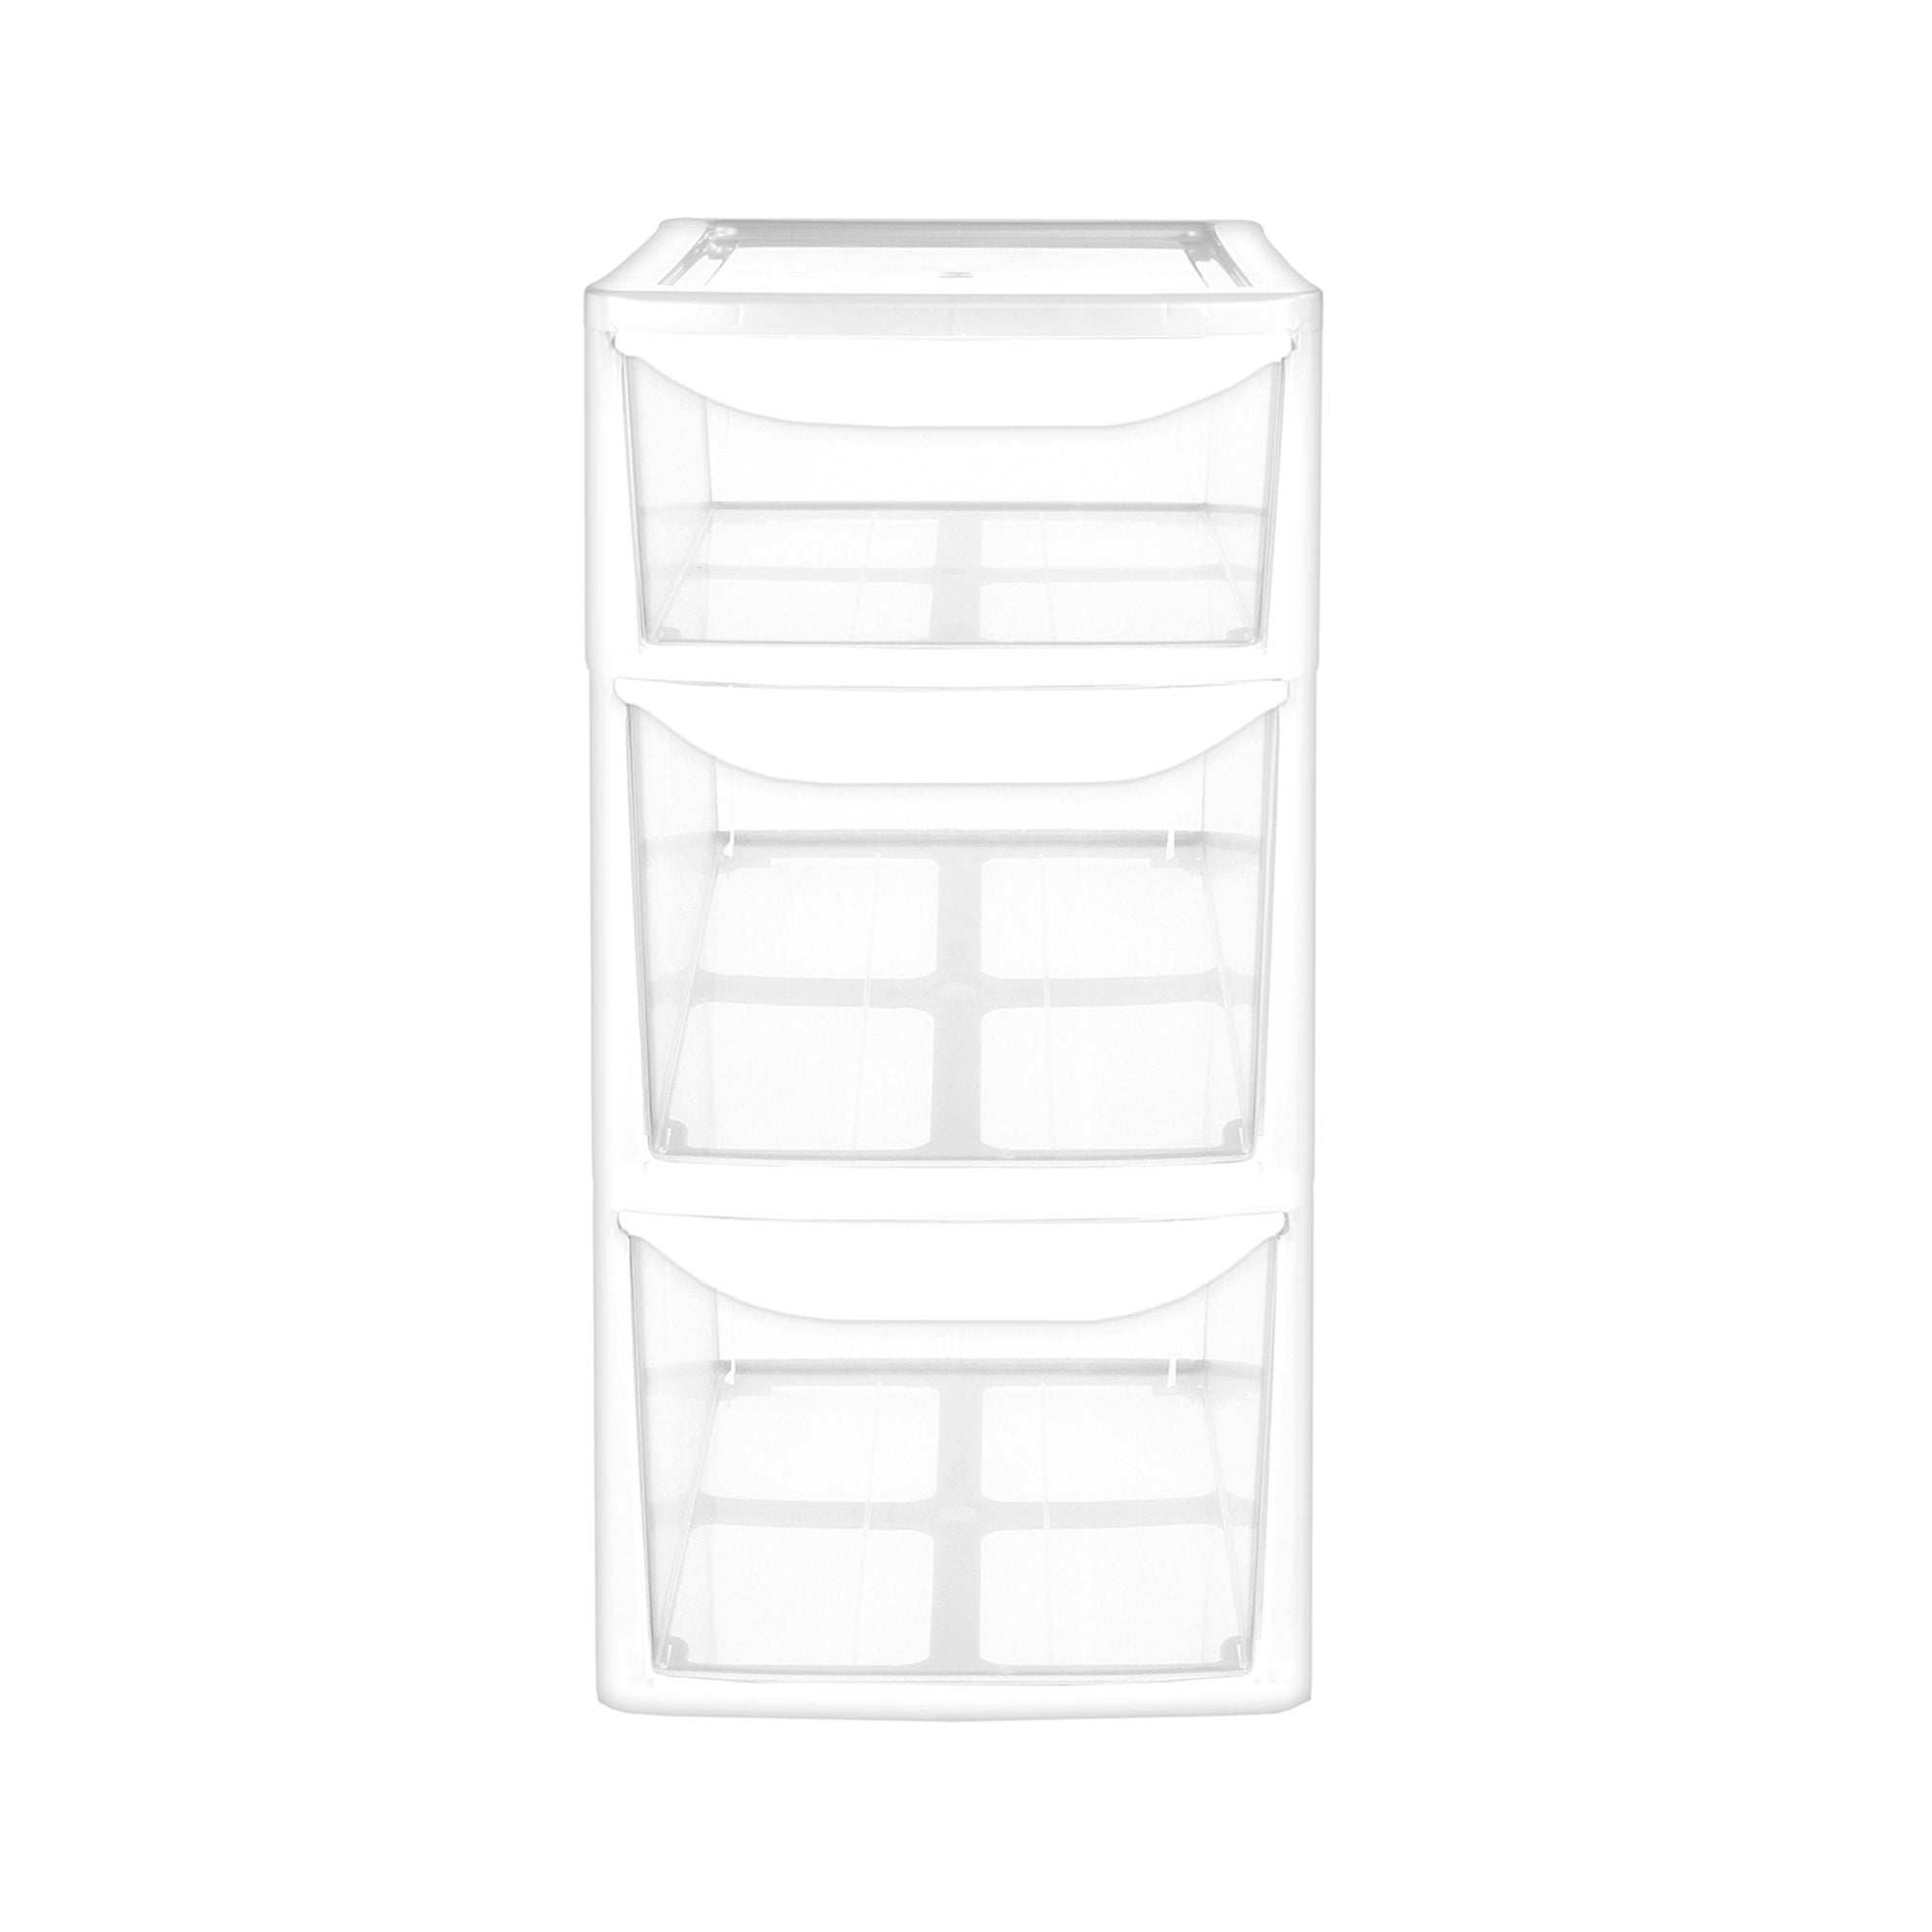 3 Drawer Desk Tower White